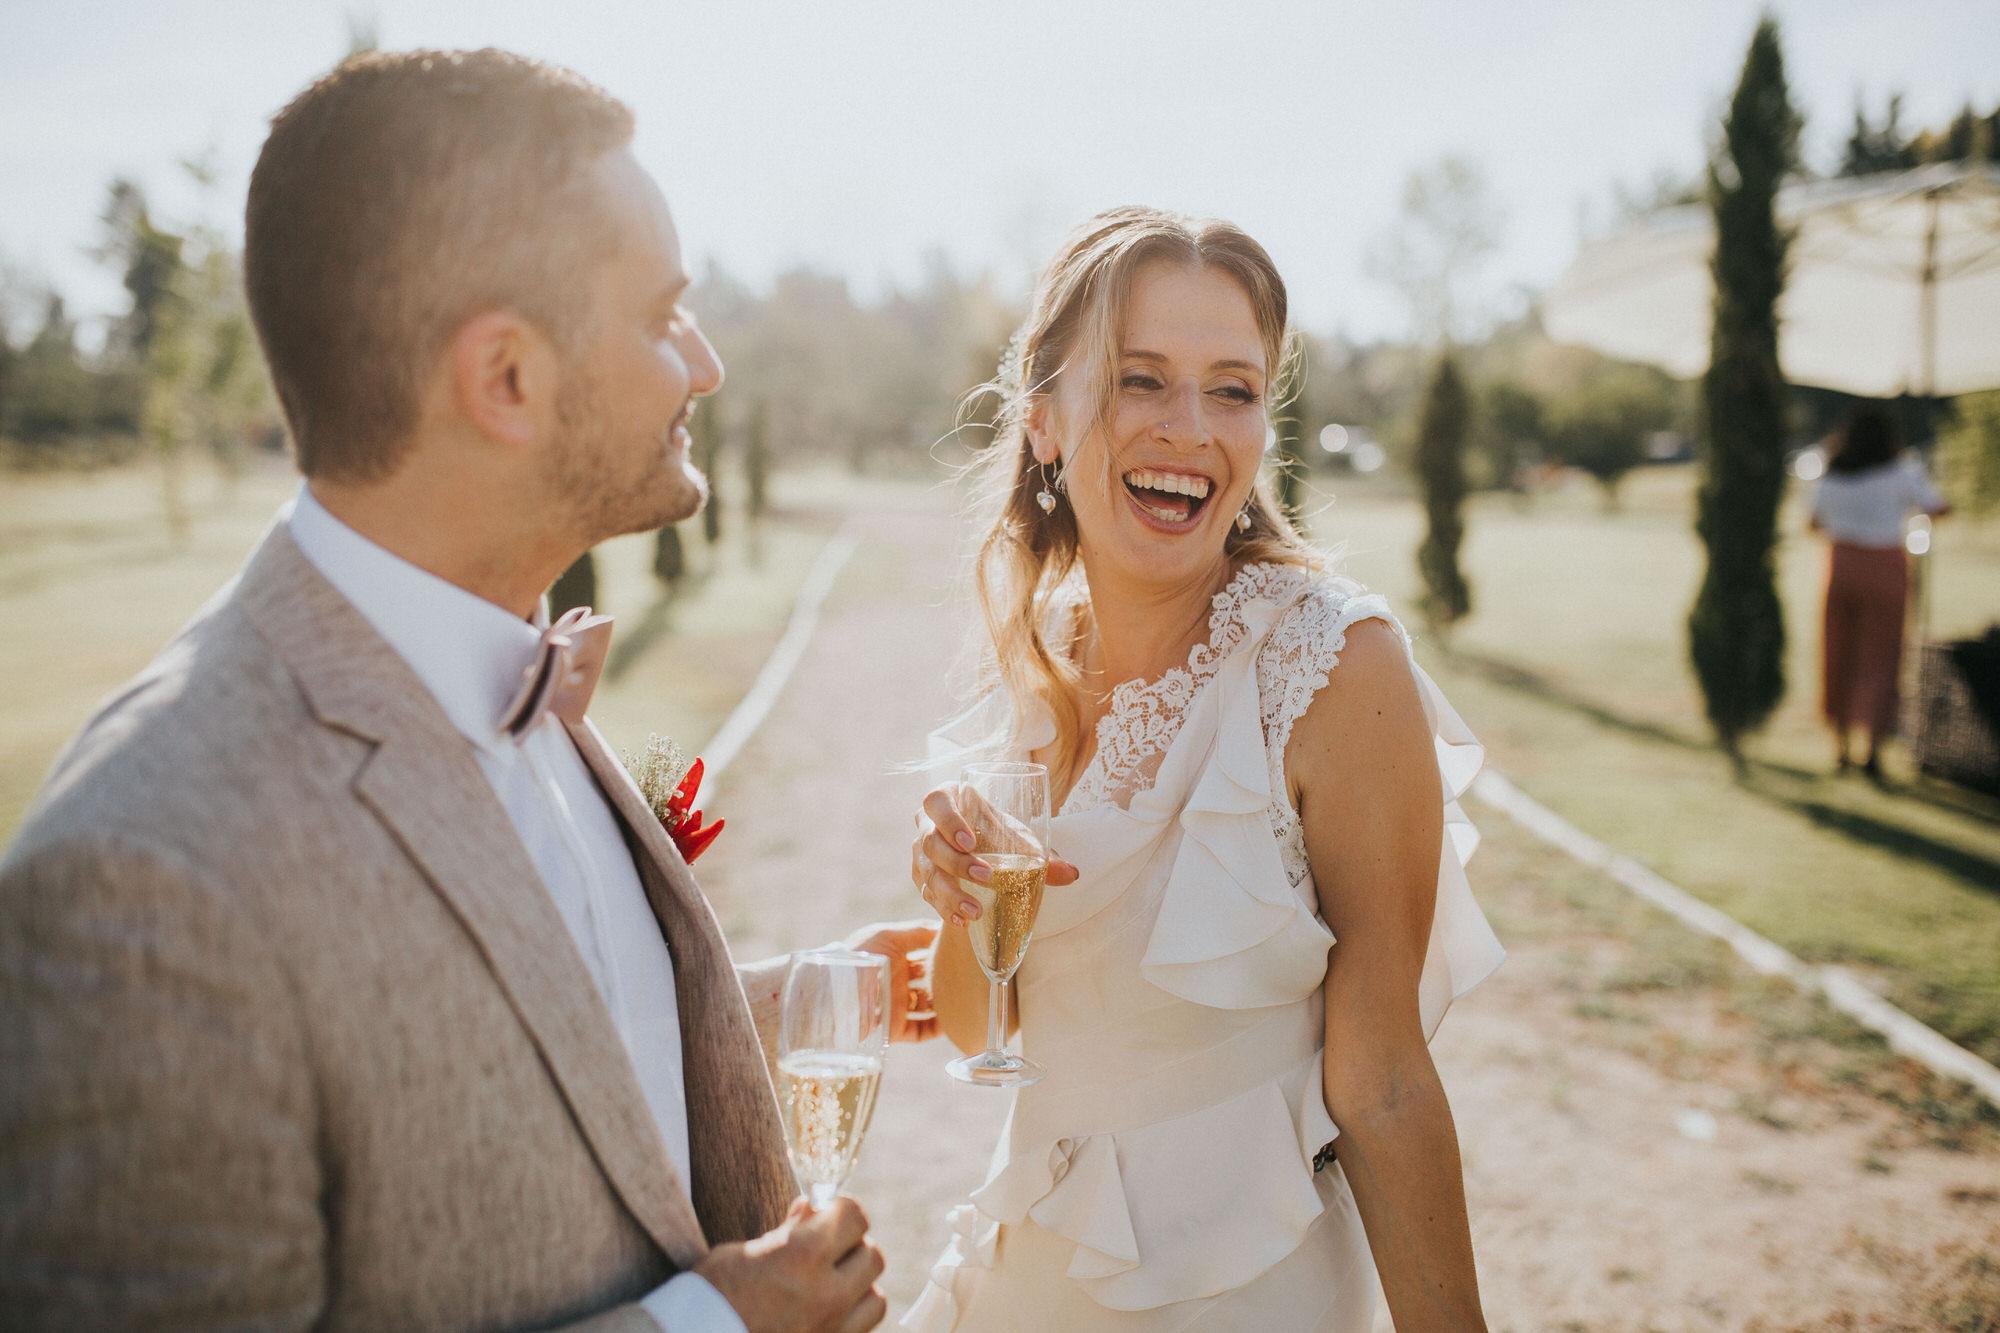 Filipe Santiago Fotografia-fotografo-malveira-lisboa-cascais-mafra-melhores-reportagem-wedding-photography-portugal-lisbon-best-natural-casamentos-lifestyle-bride-ideias-rustic-boho-hair-mackup-damas-preparativos-preparations-bridemaids-dress-shoes-bouquet-trends-church-cerimony-saida-igreja-dicas-vw-van-session-toast-drink-welcome-venue-quinta-monte-redondo-melhores quintas-smile